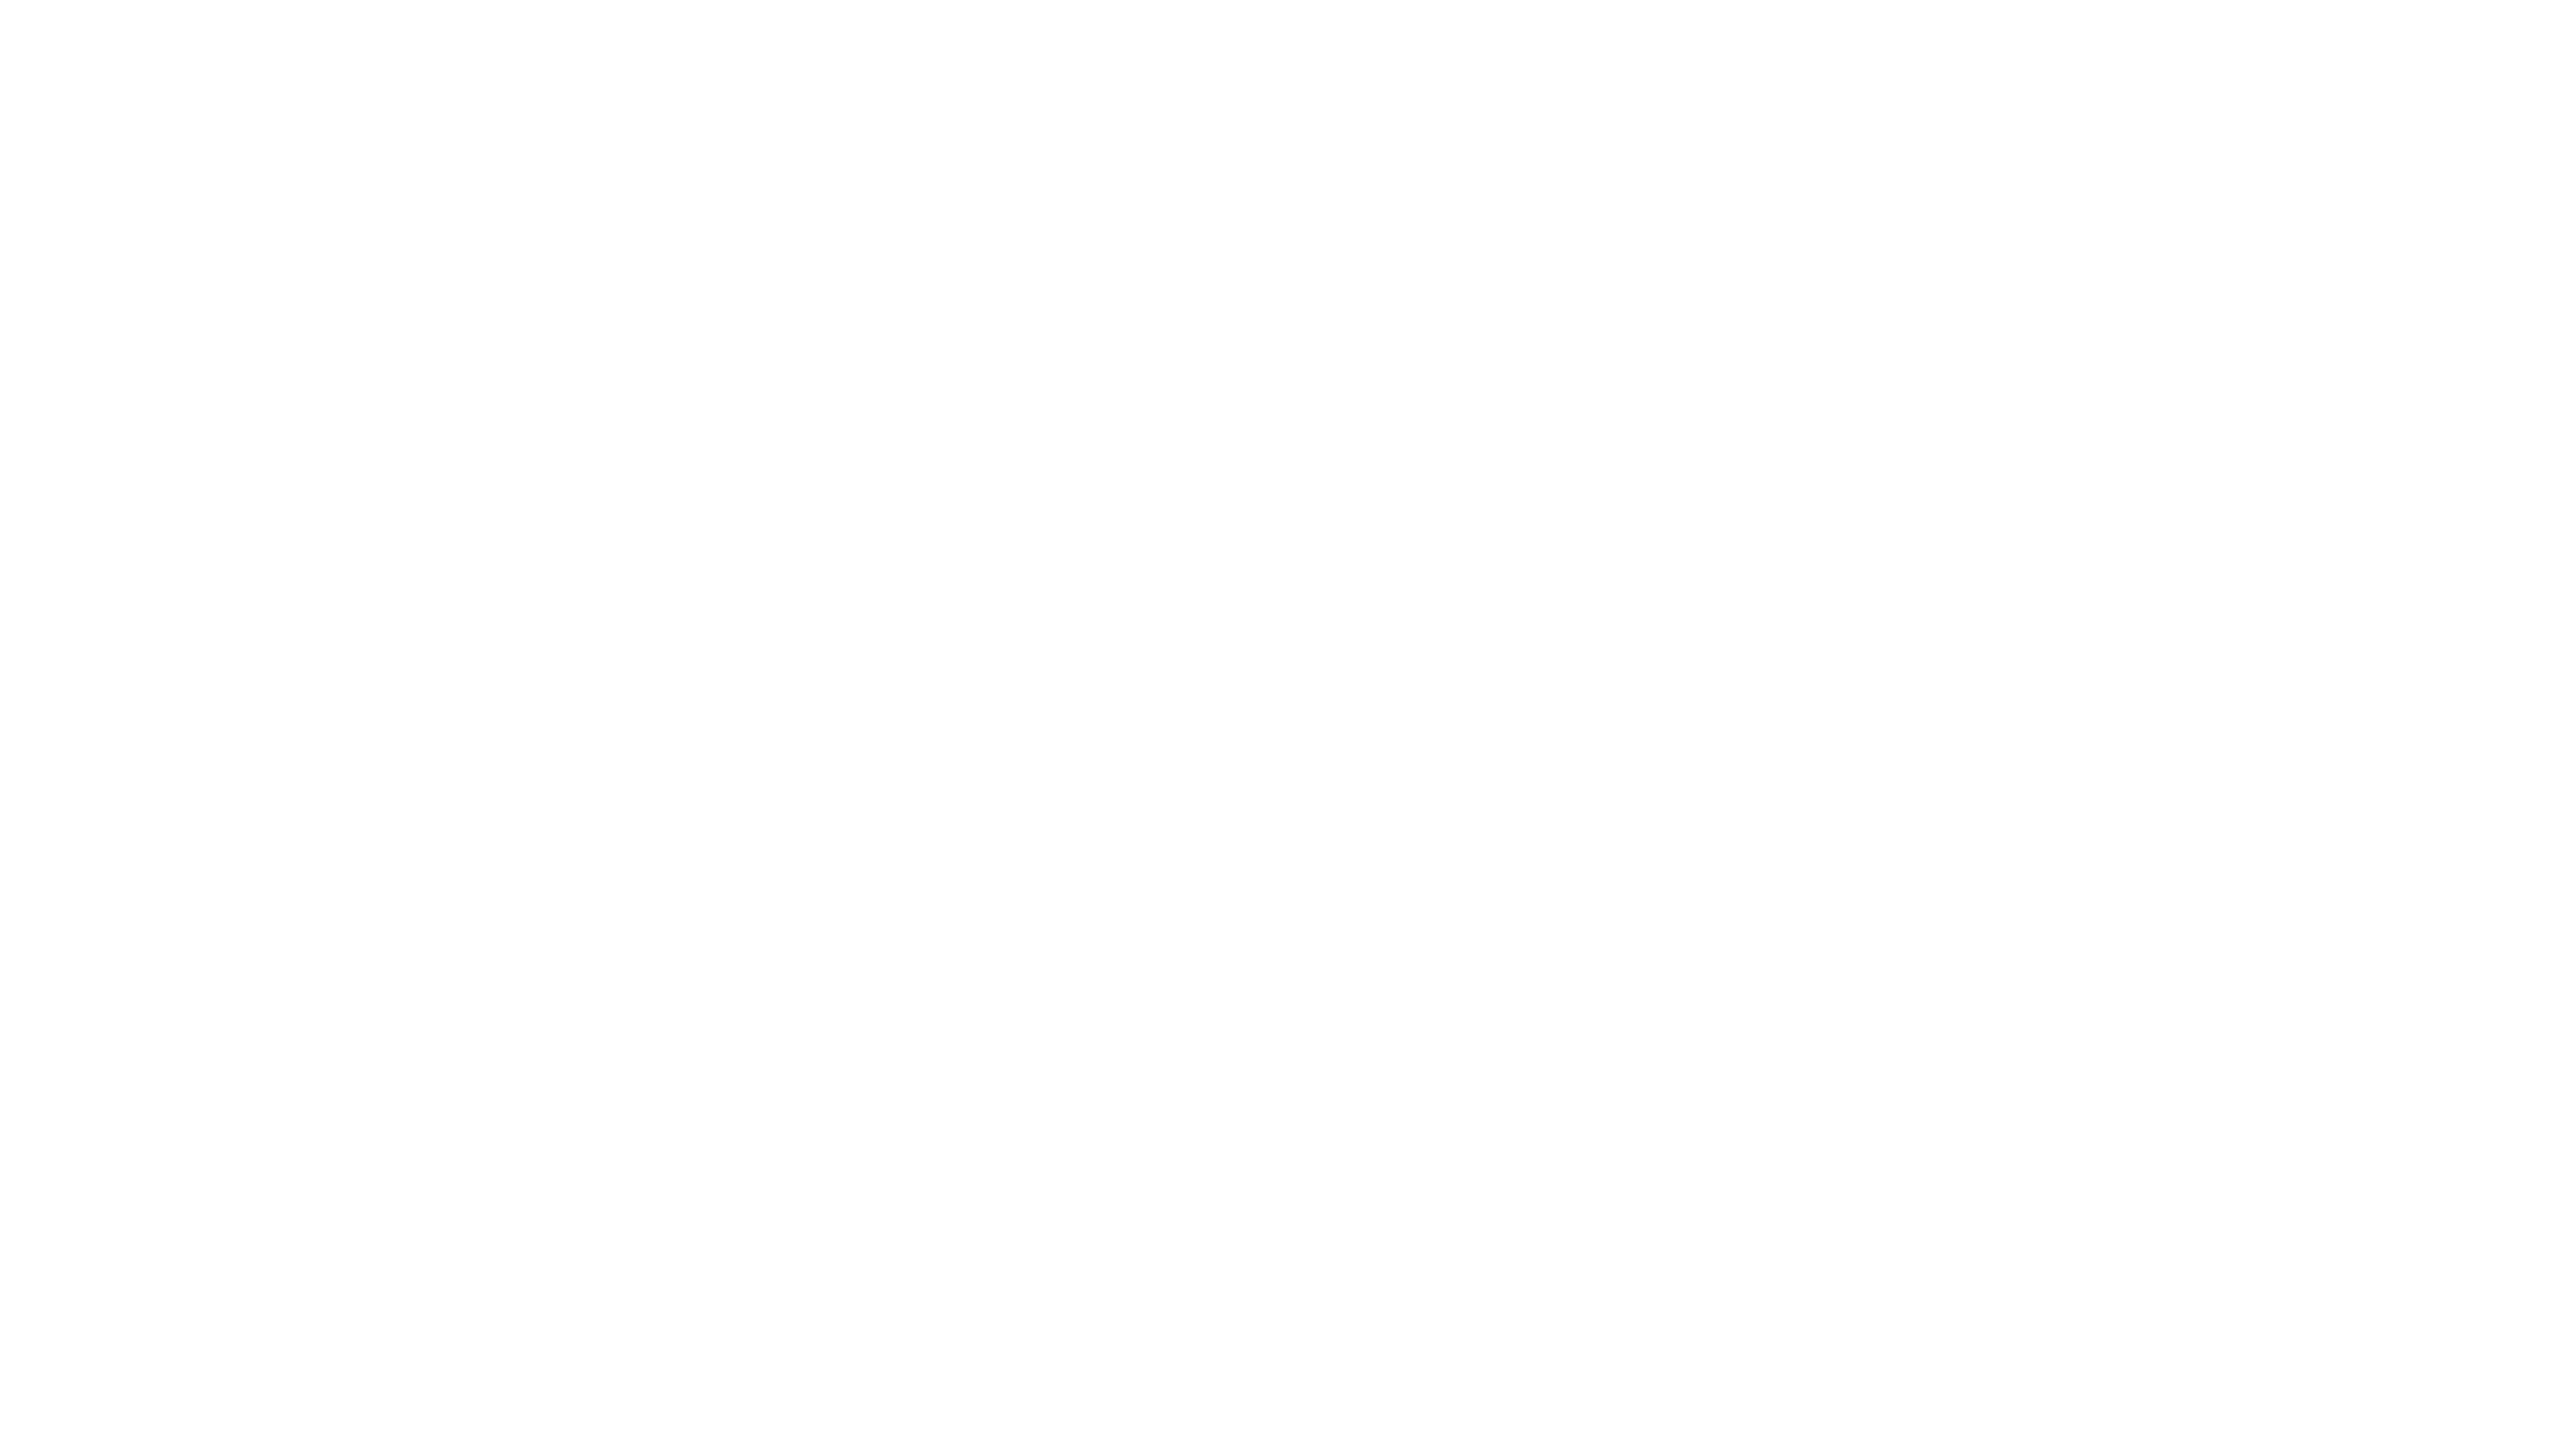 logo slaapstad v2